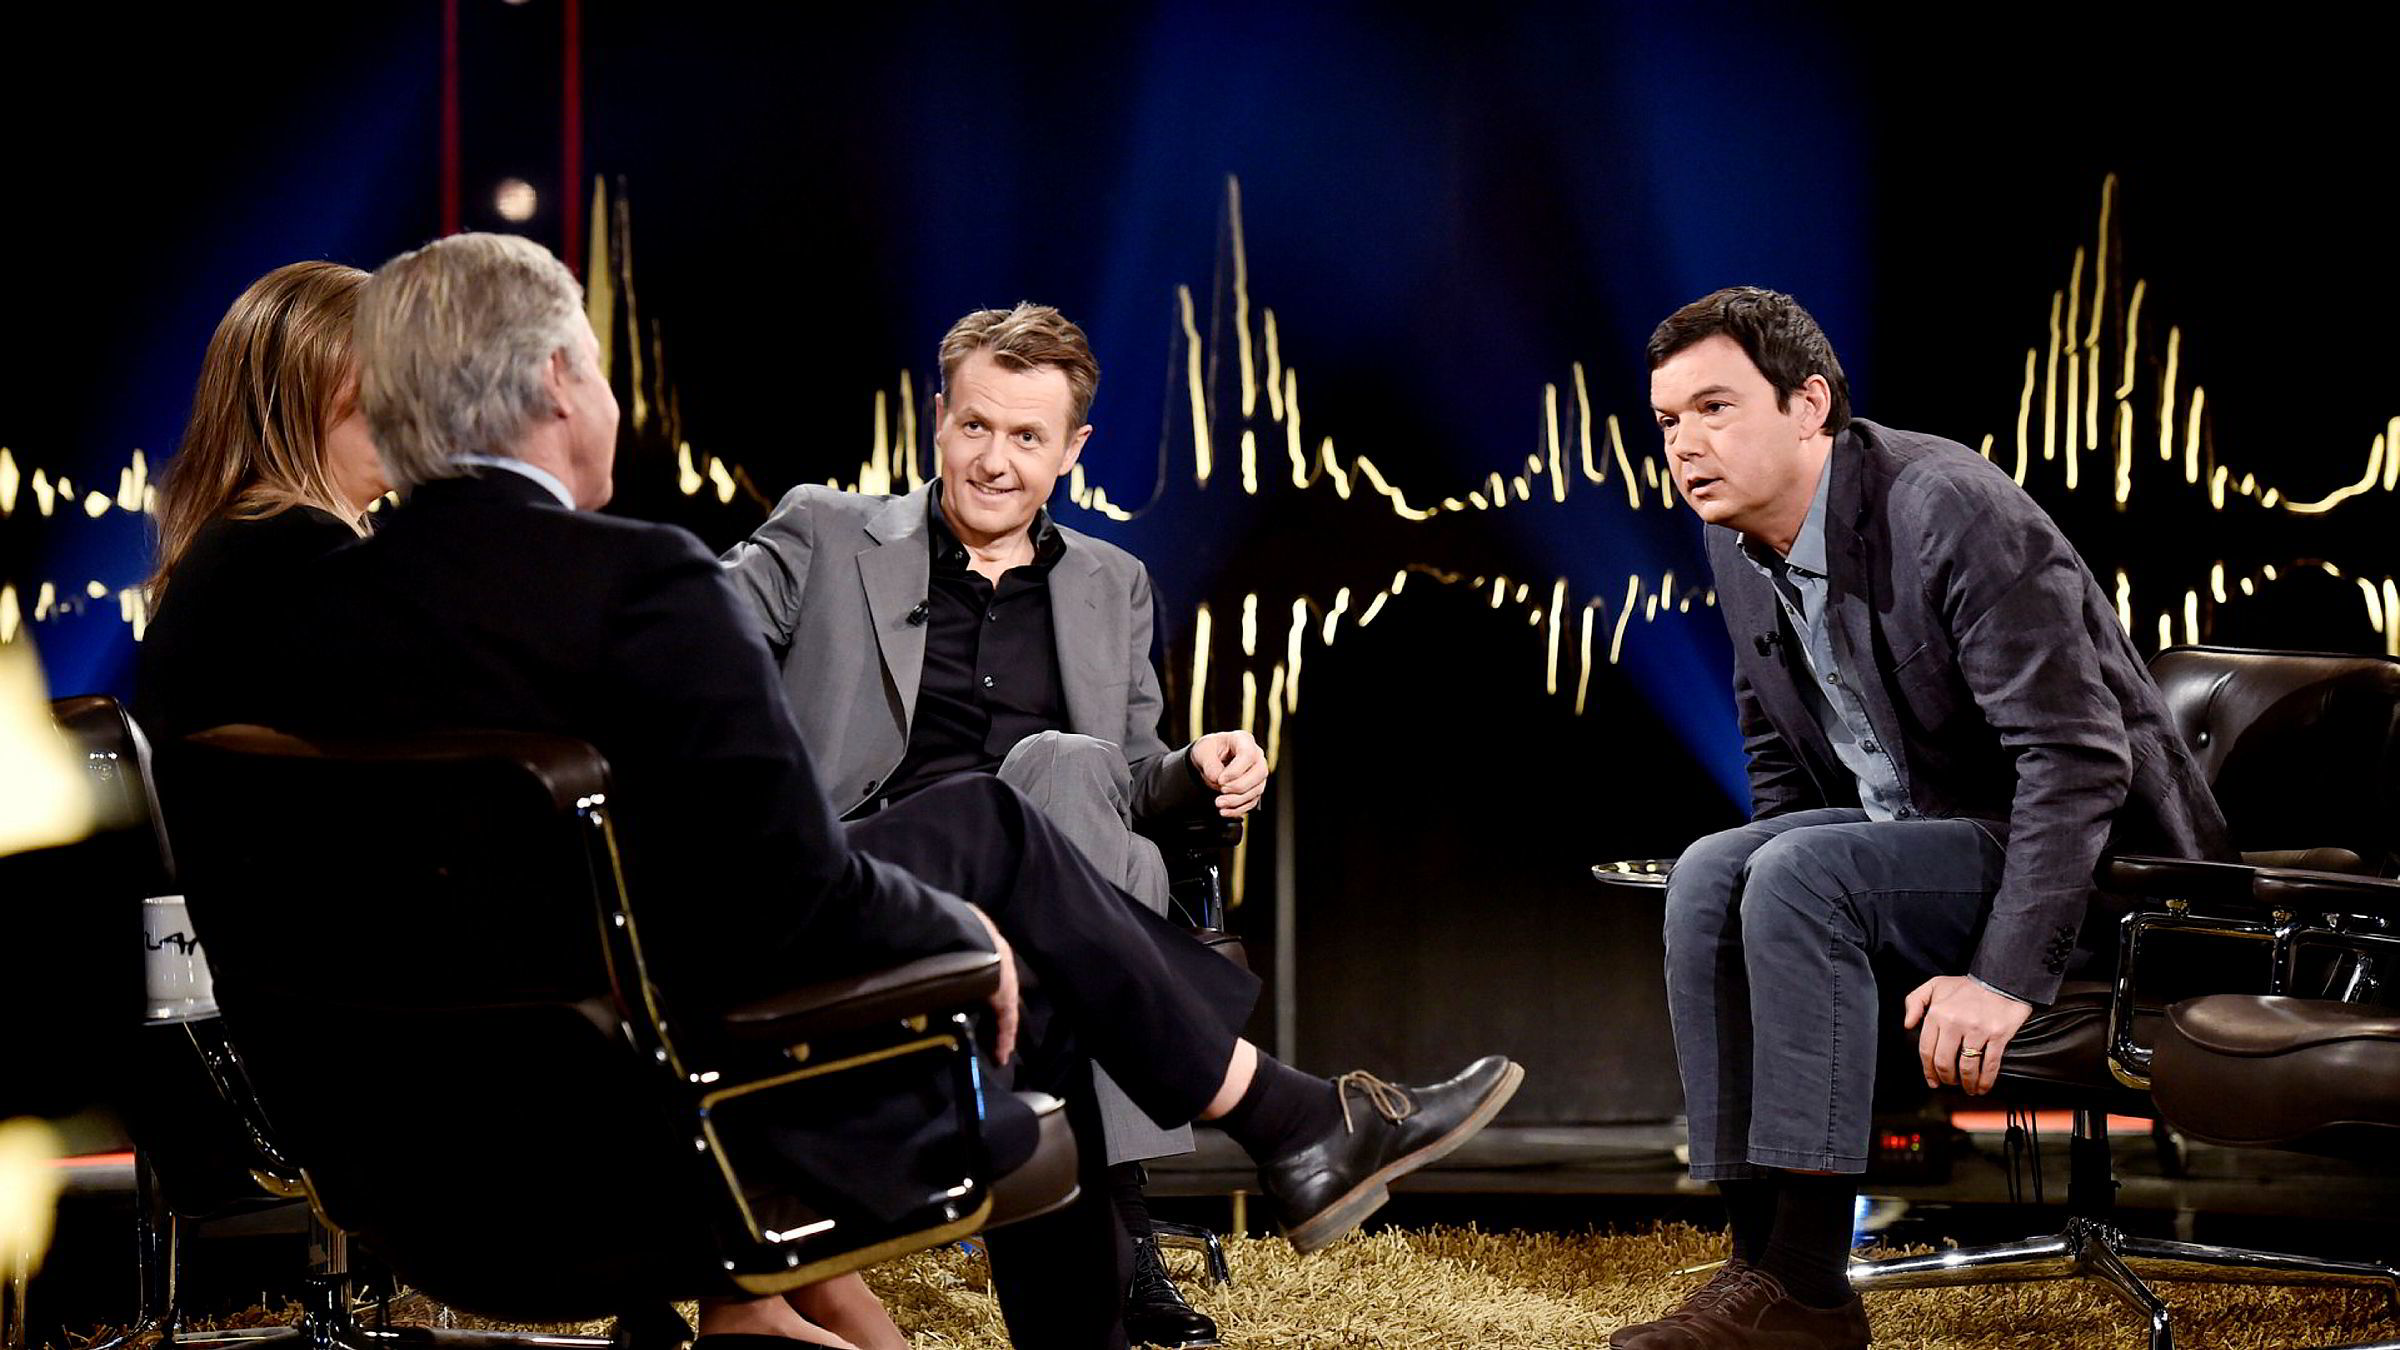 I 2015 møtte samfunnsøkonomen Thomas Piketty (til høyre) Norwegian-sjef Bjørn Kjos på «Skavlan».